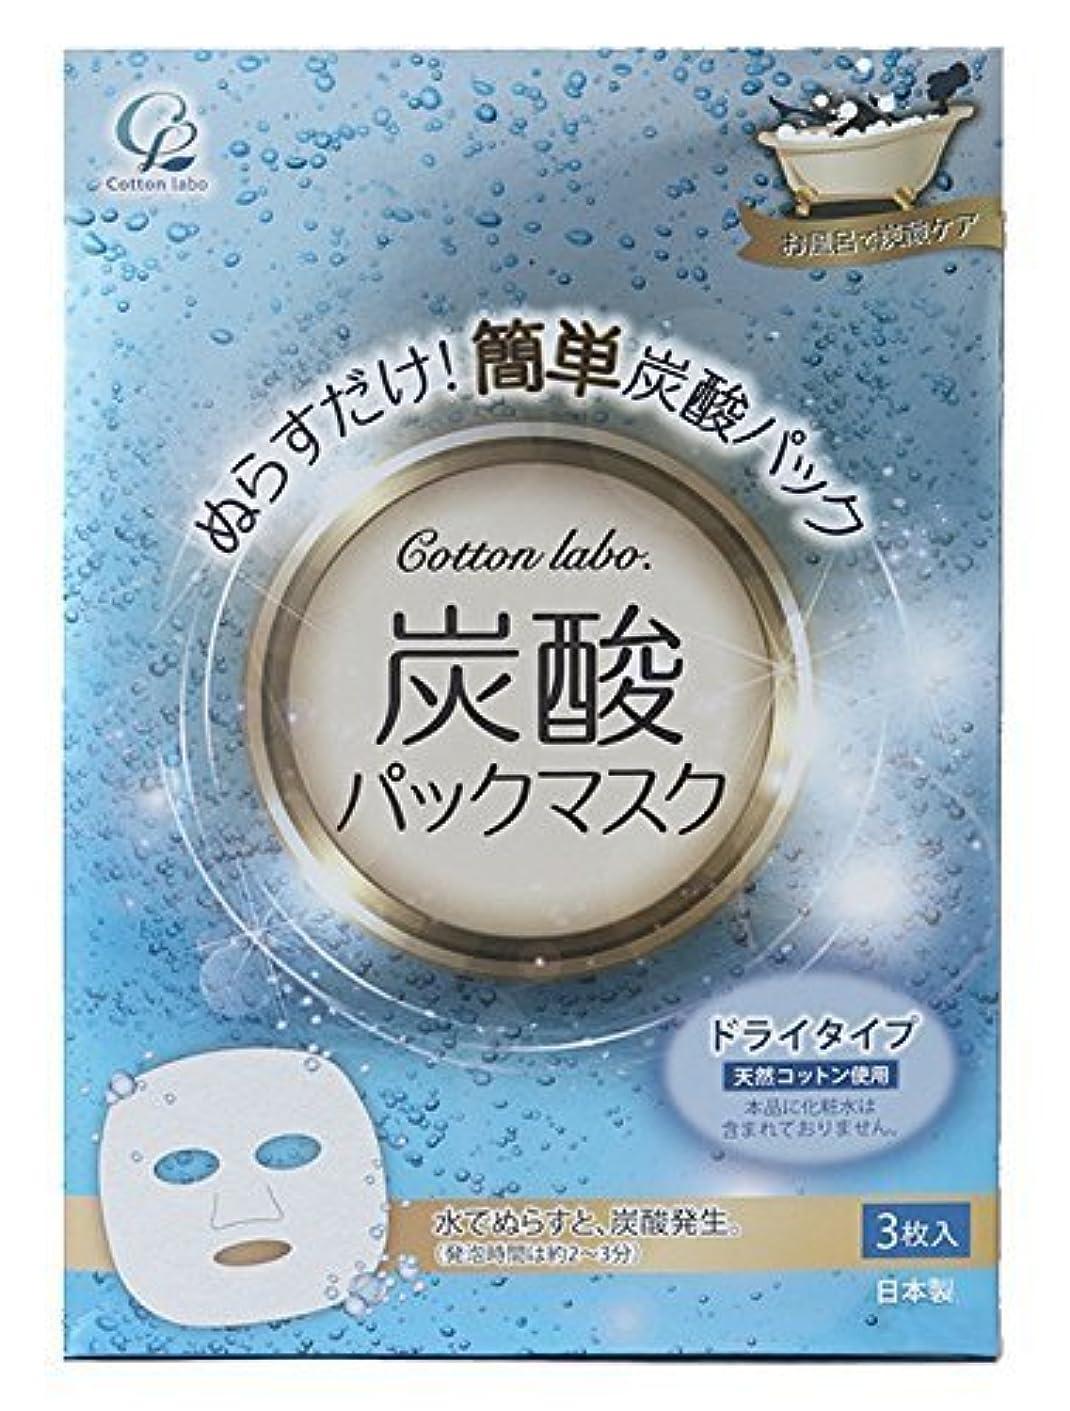 皮膚を清浄にし 肌にはりと潤いを与える お風呂で炭酸ケア 天然コットン 炭酸パックマスク 3枚 80入り(240枚)